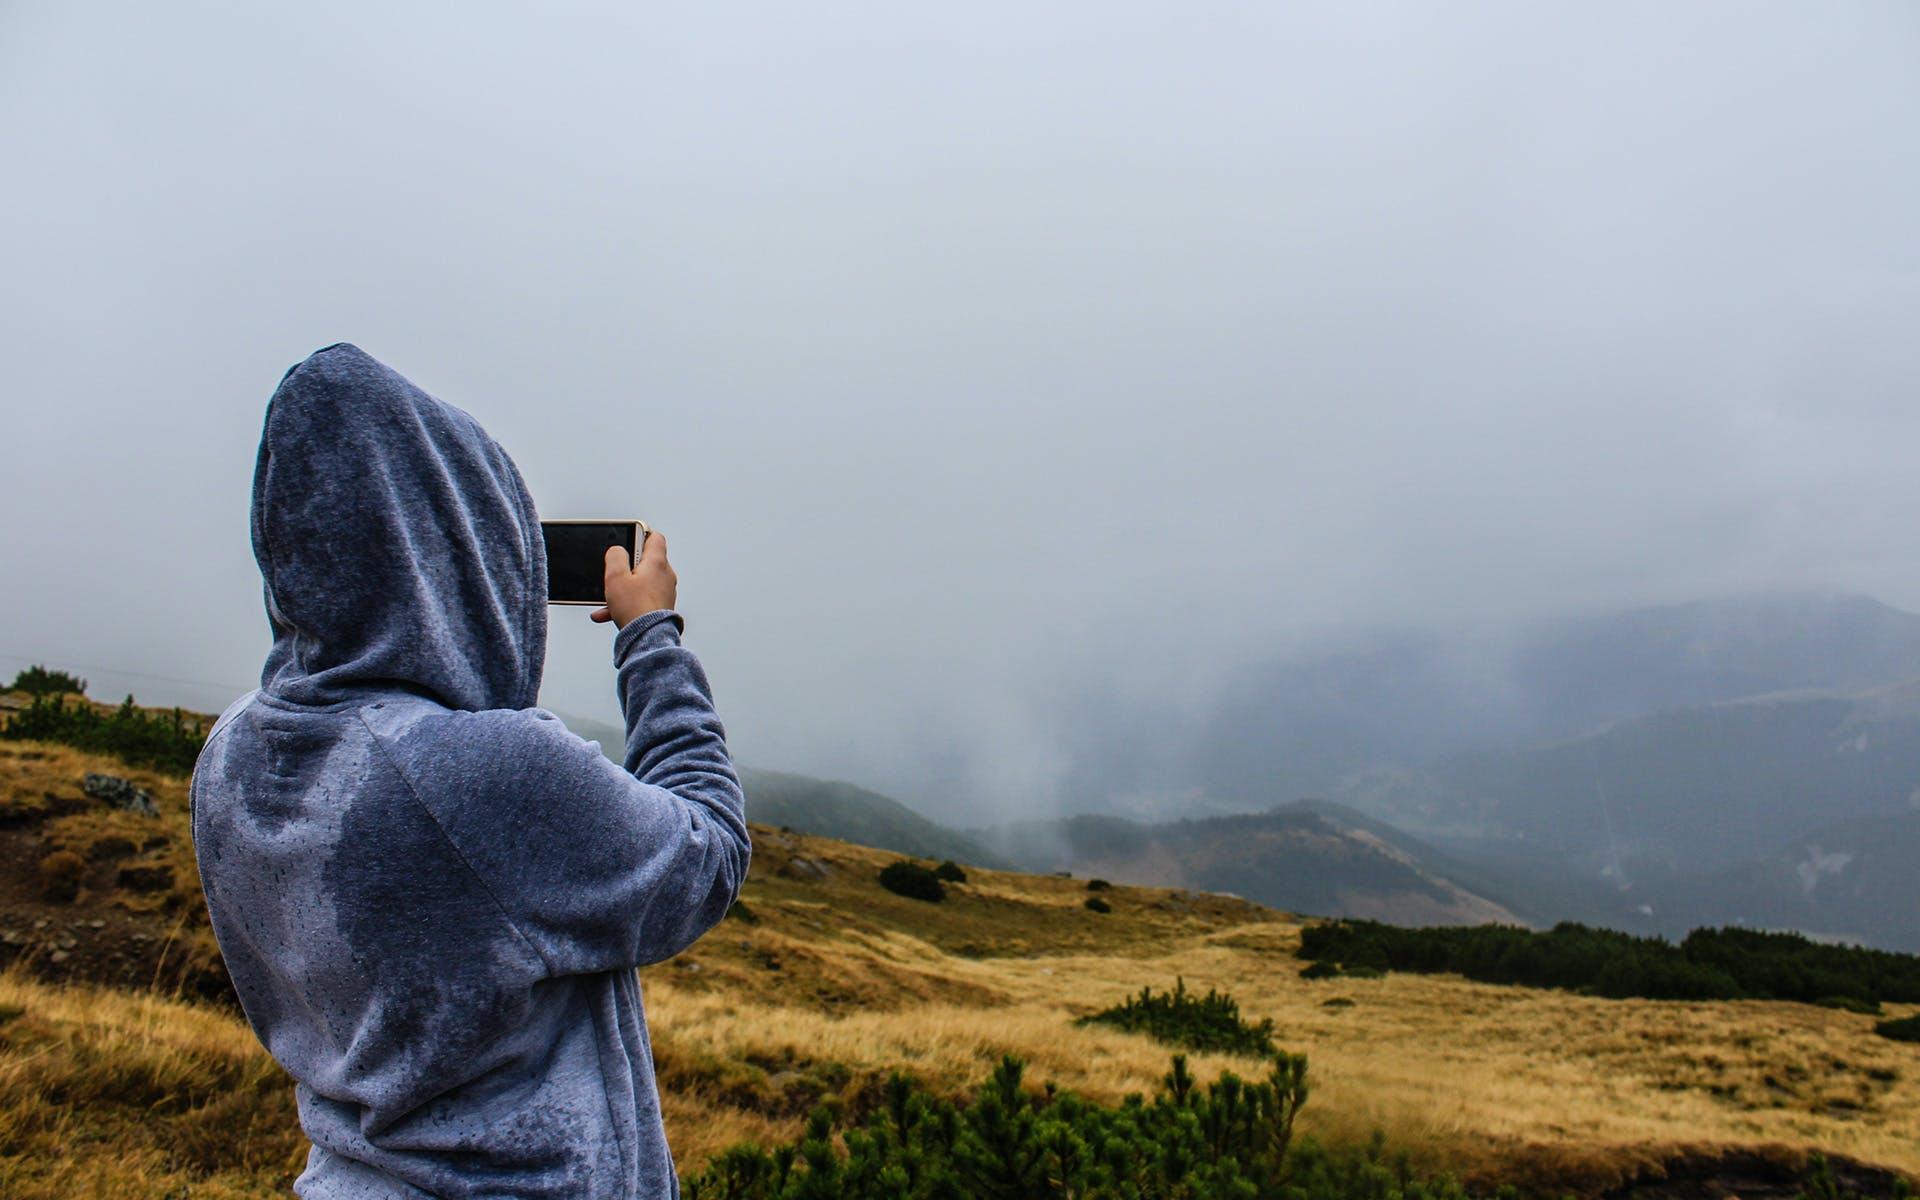 Person Taking Photo of Mountain